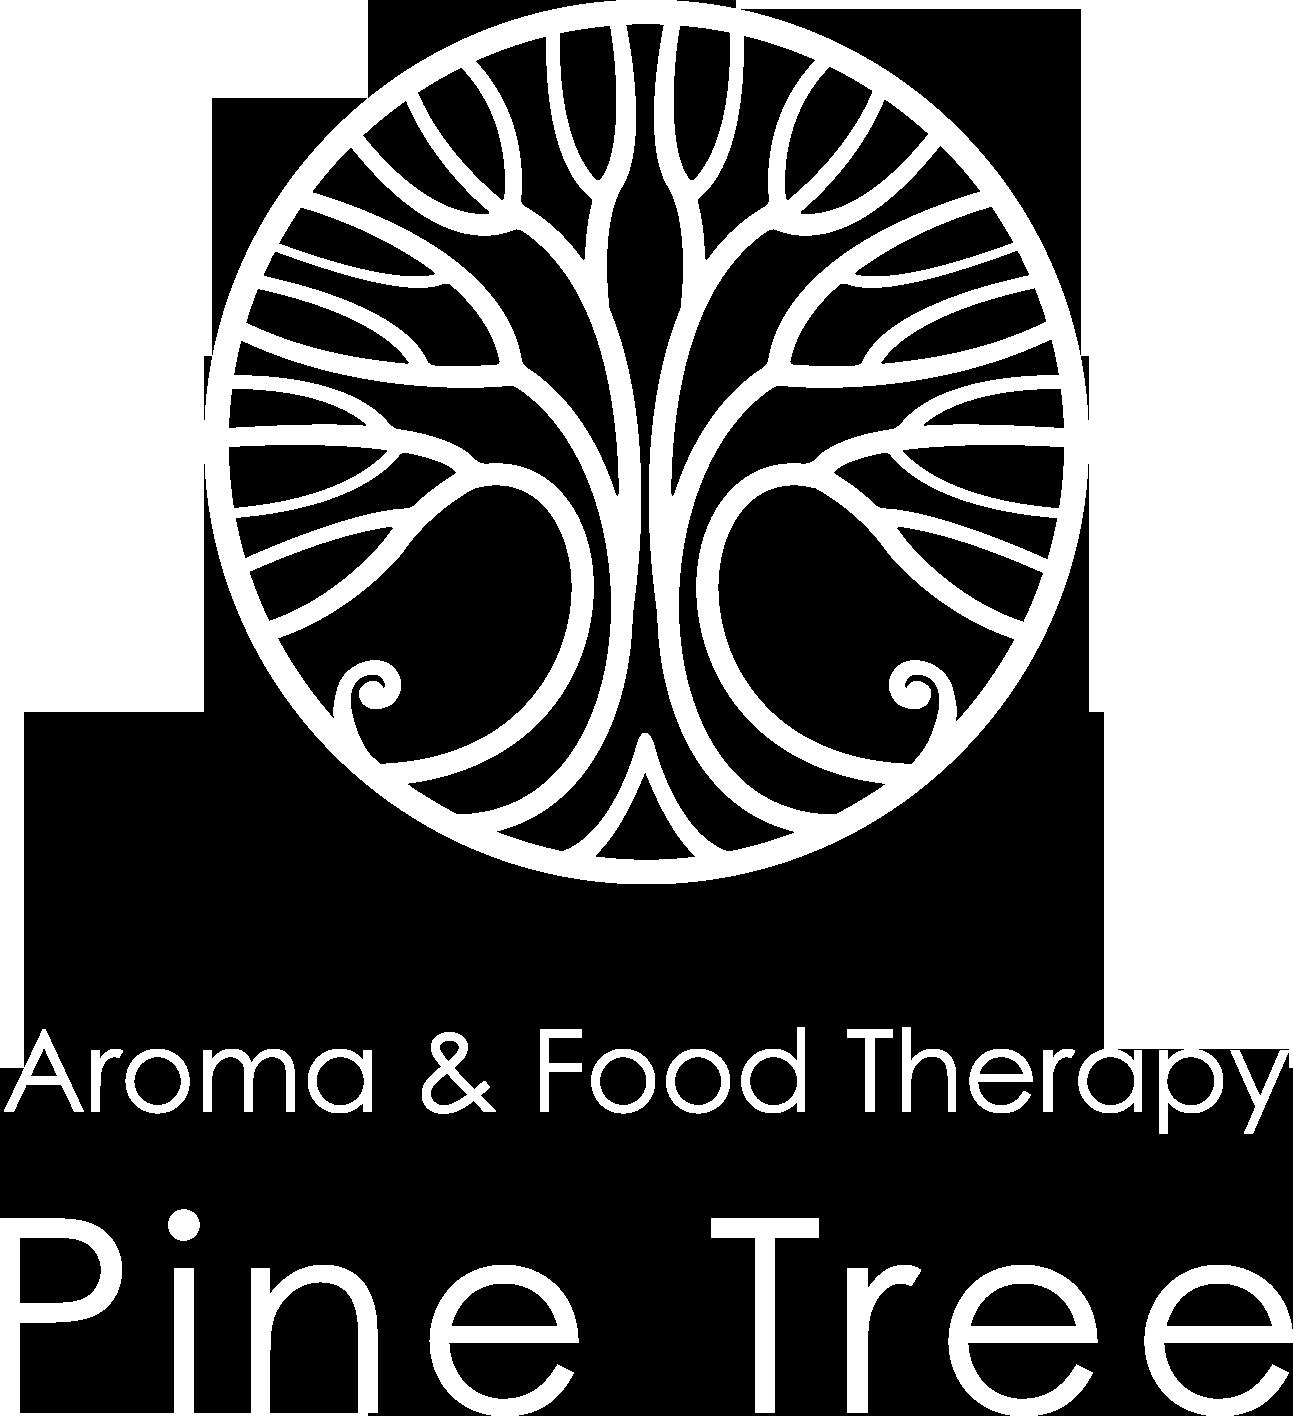 食セラピー&中医アロマセラピーサロン Pine Tree